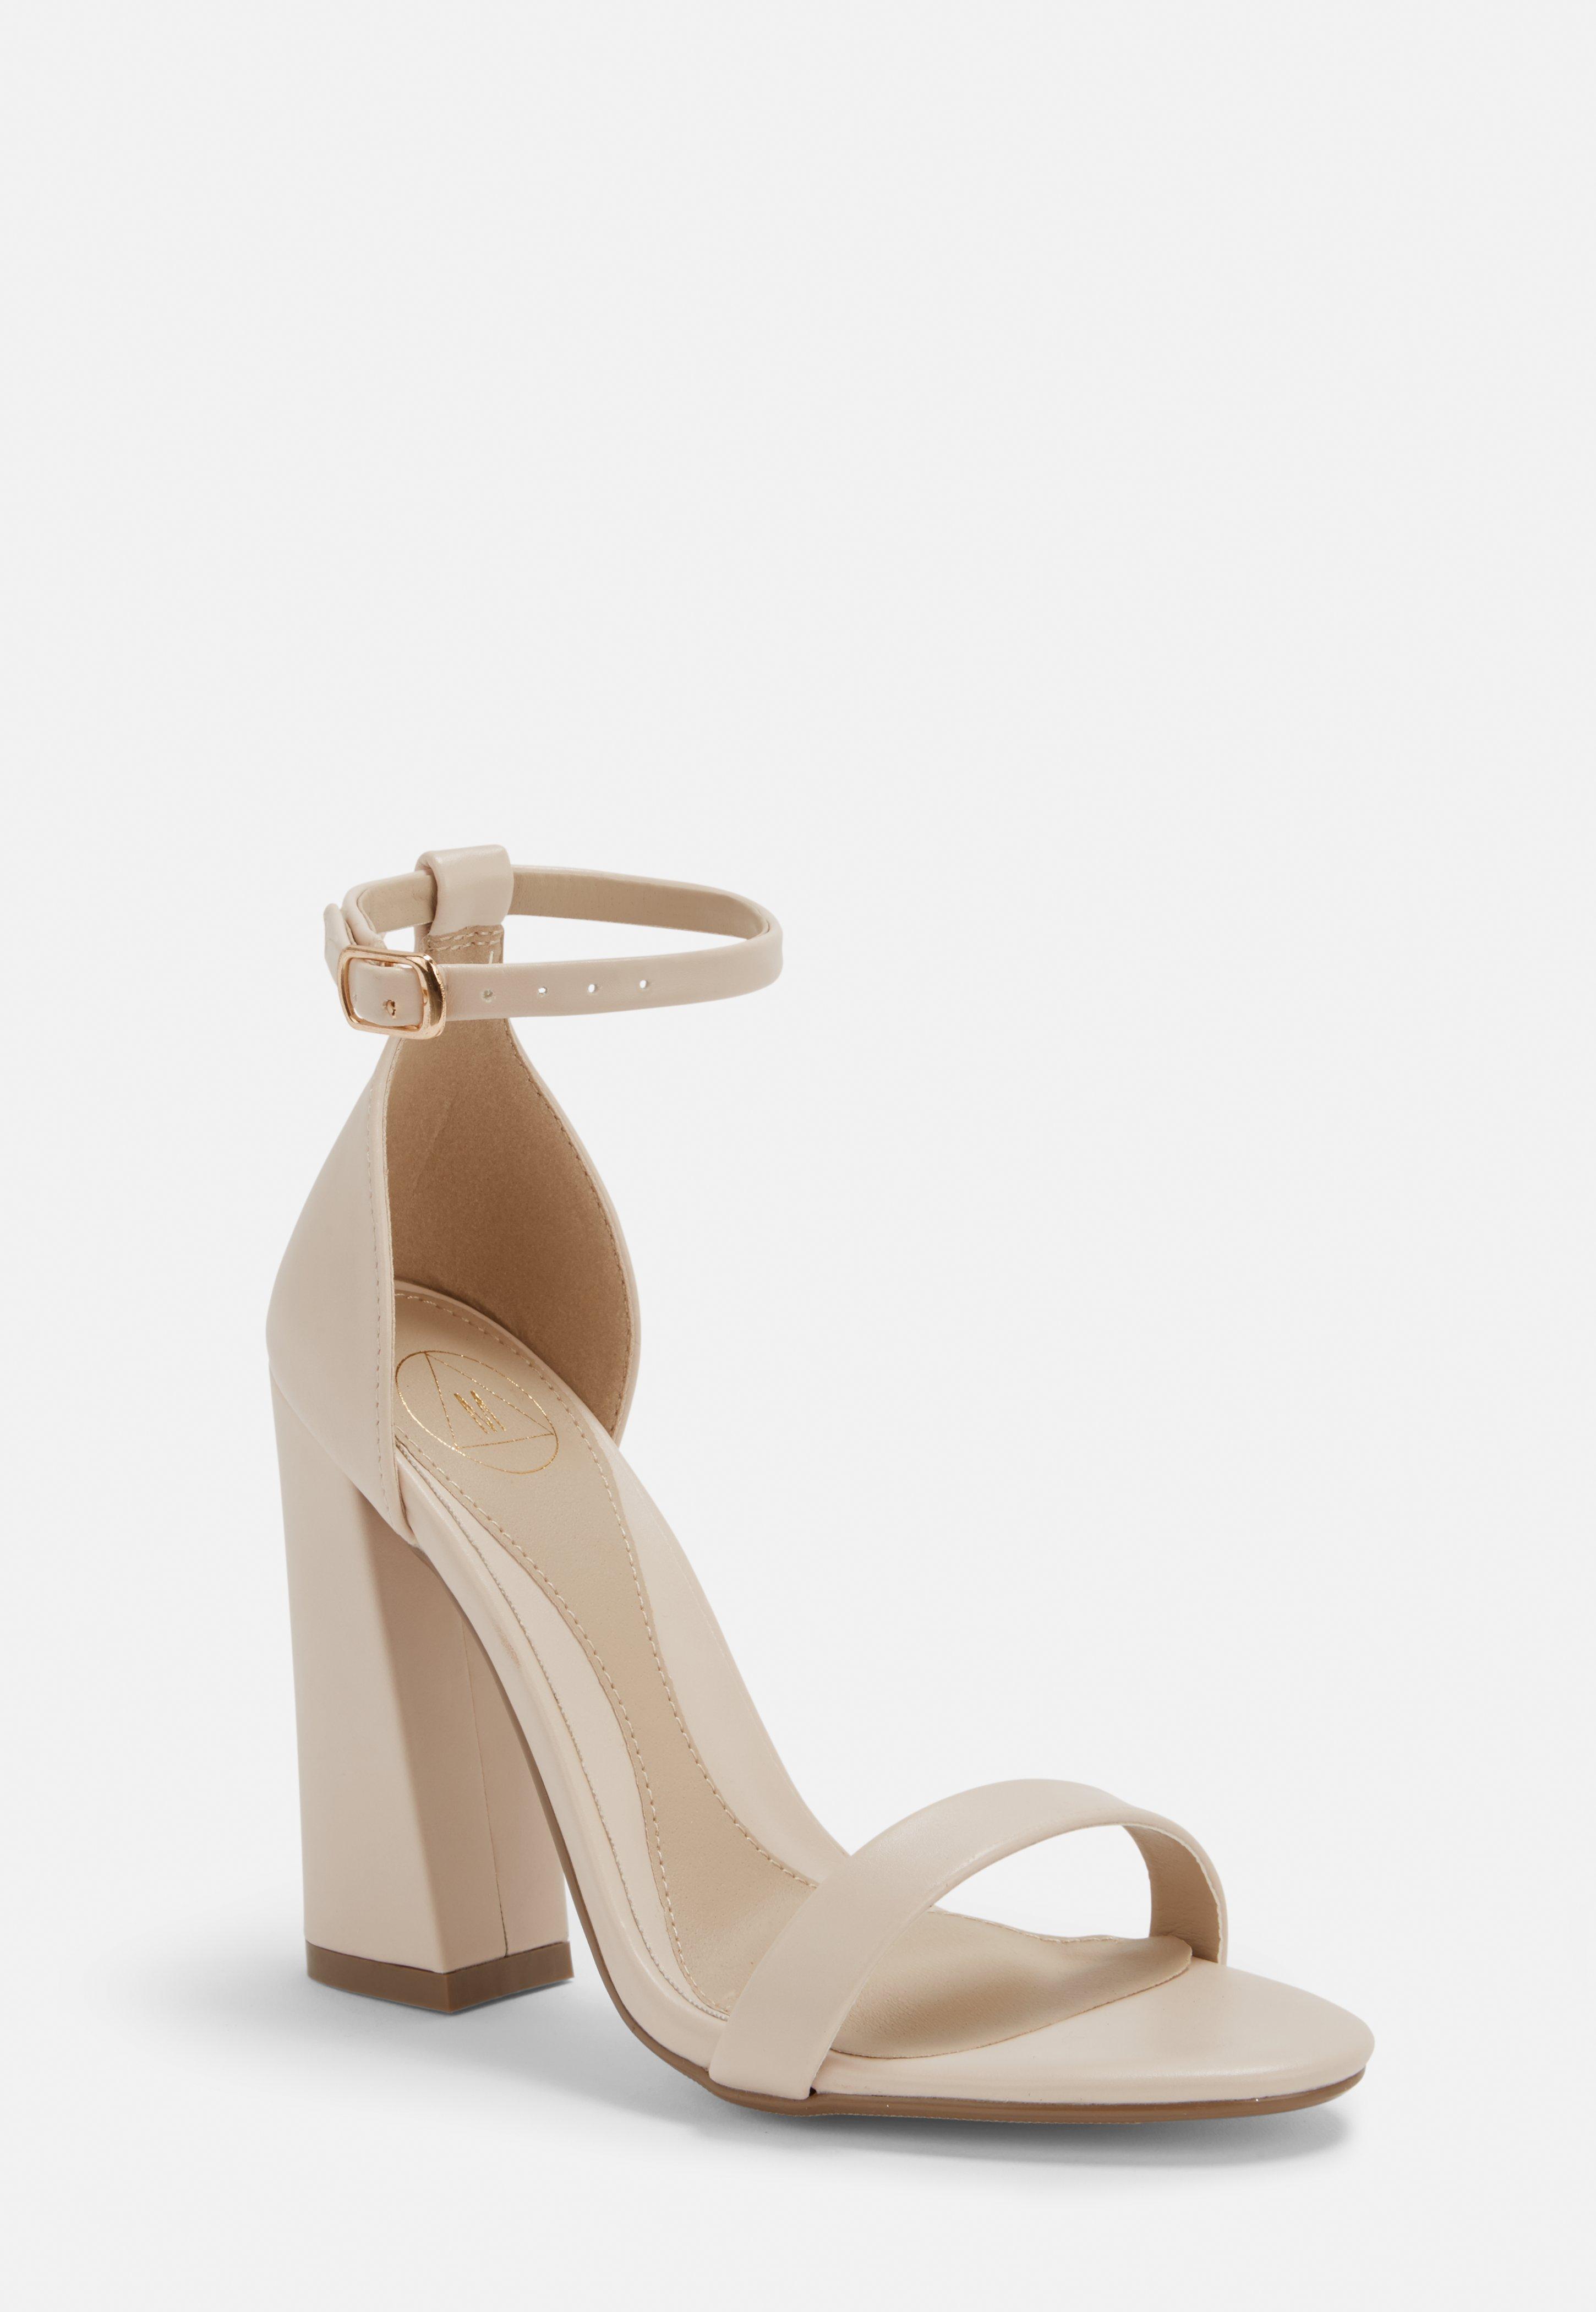 Chaussures pointues imitation daim à talons carrés - OrangeMissguided ZDI0FnQ